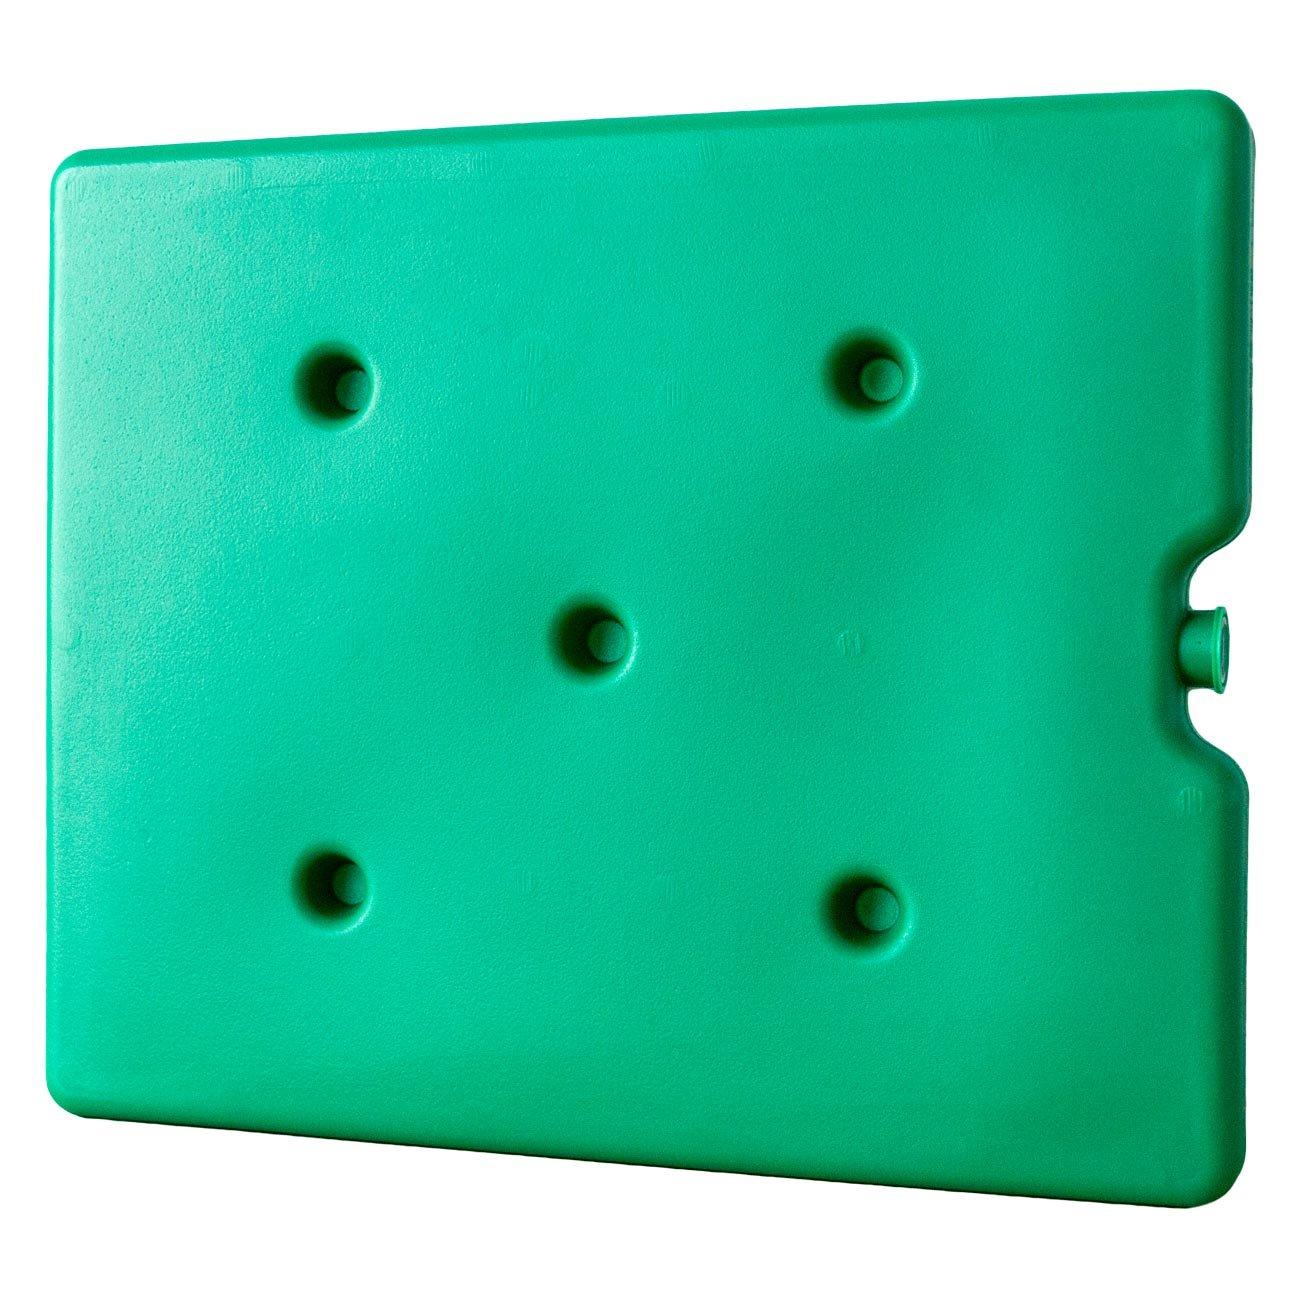 Especial fresco batería de 5 °C Congelador batería 1300 g verde ...